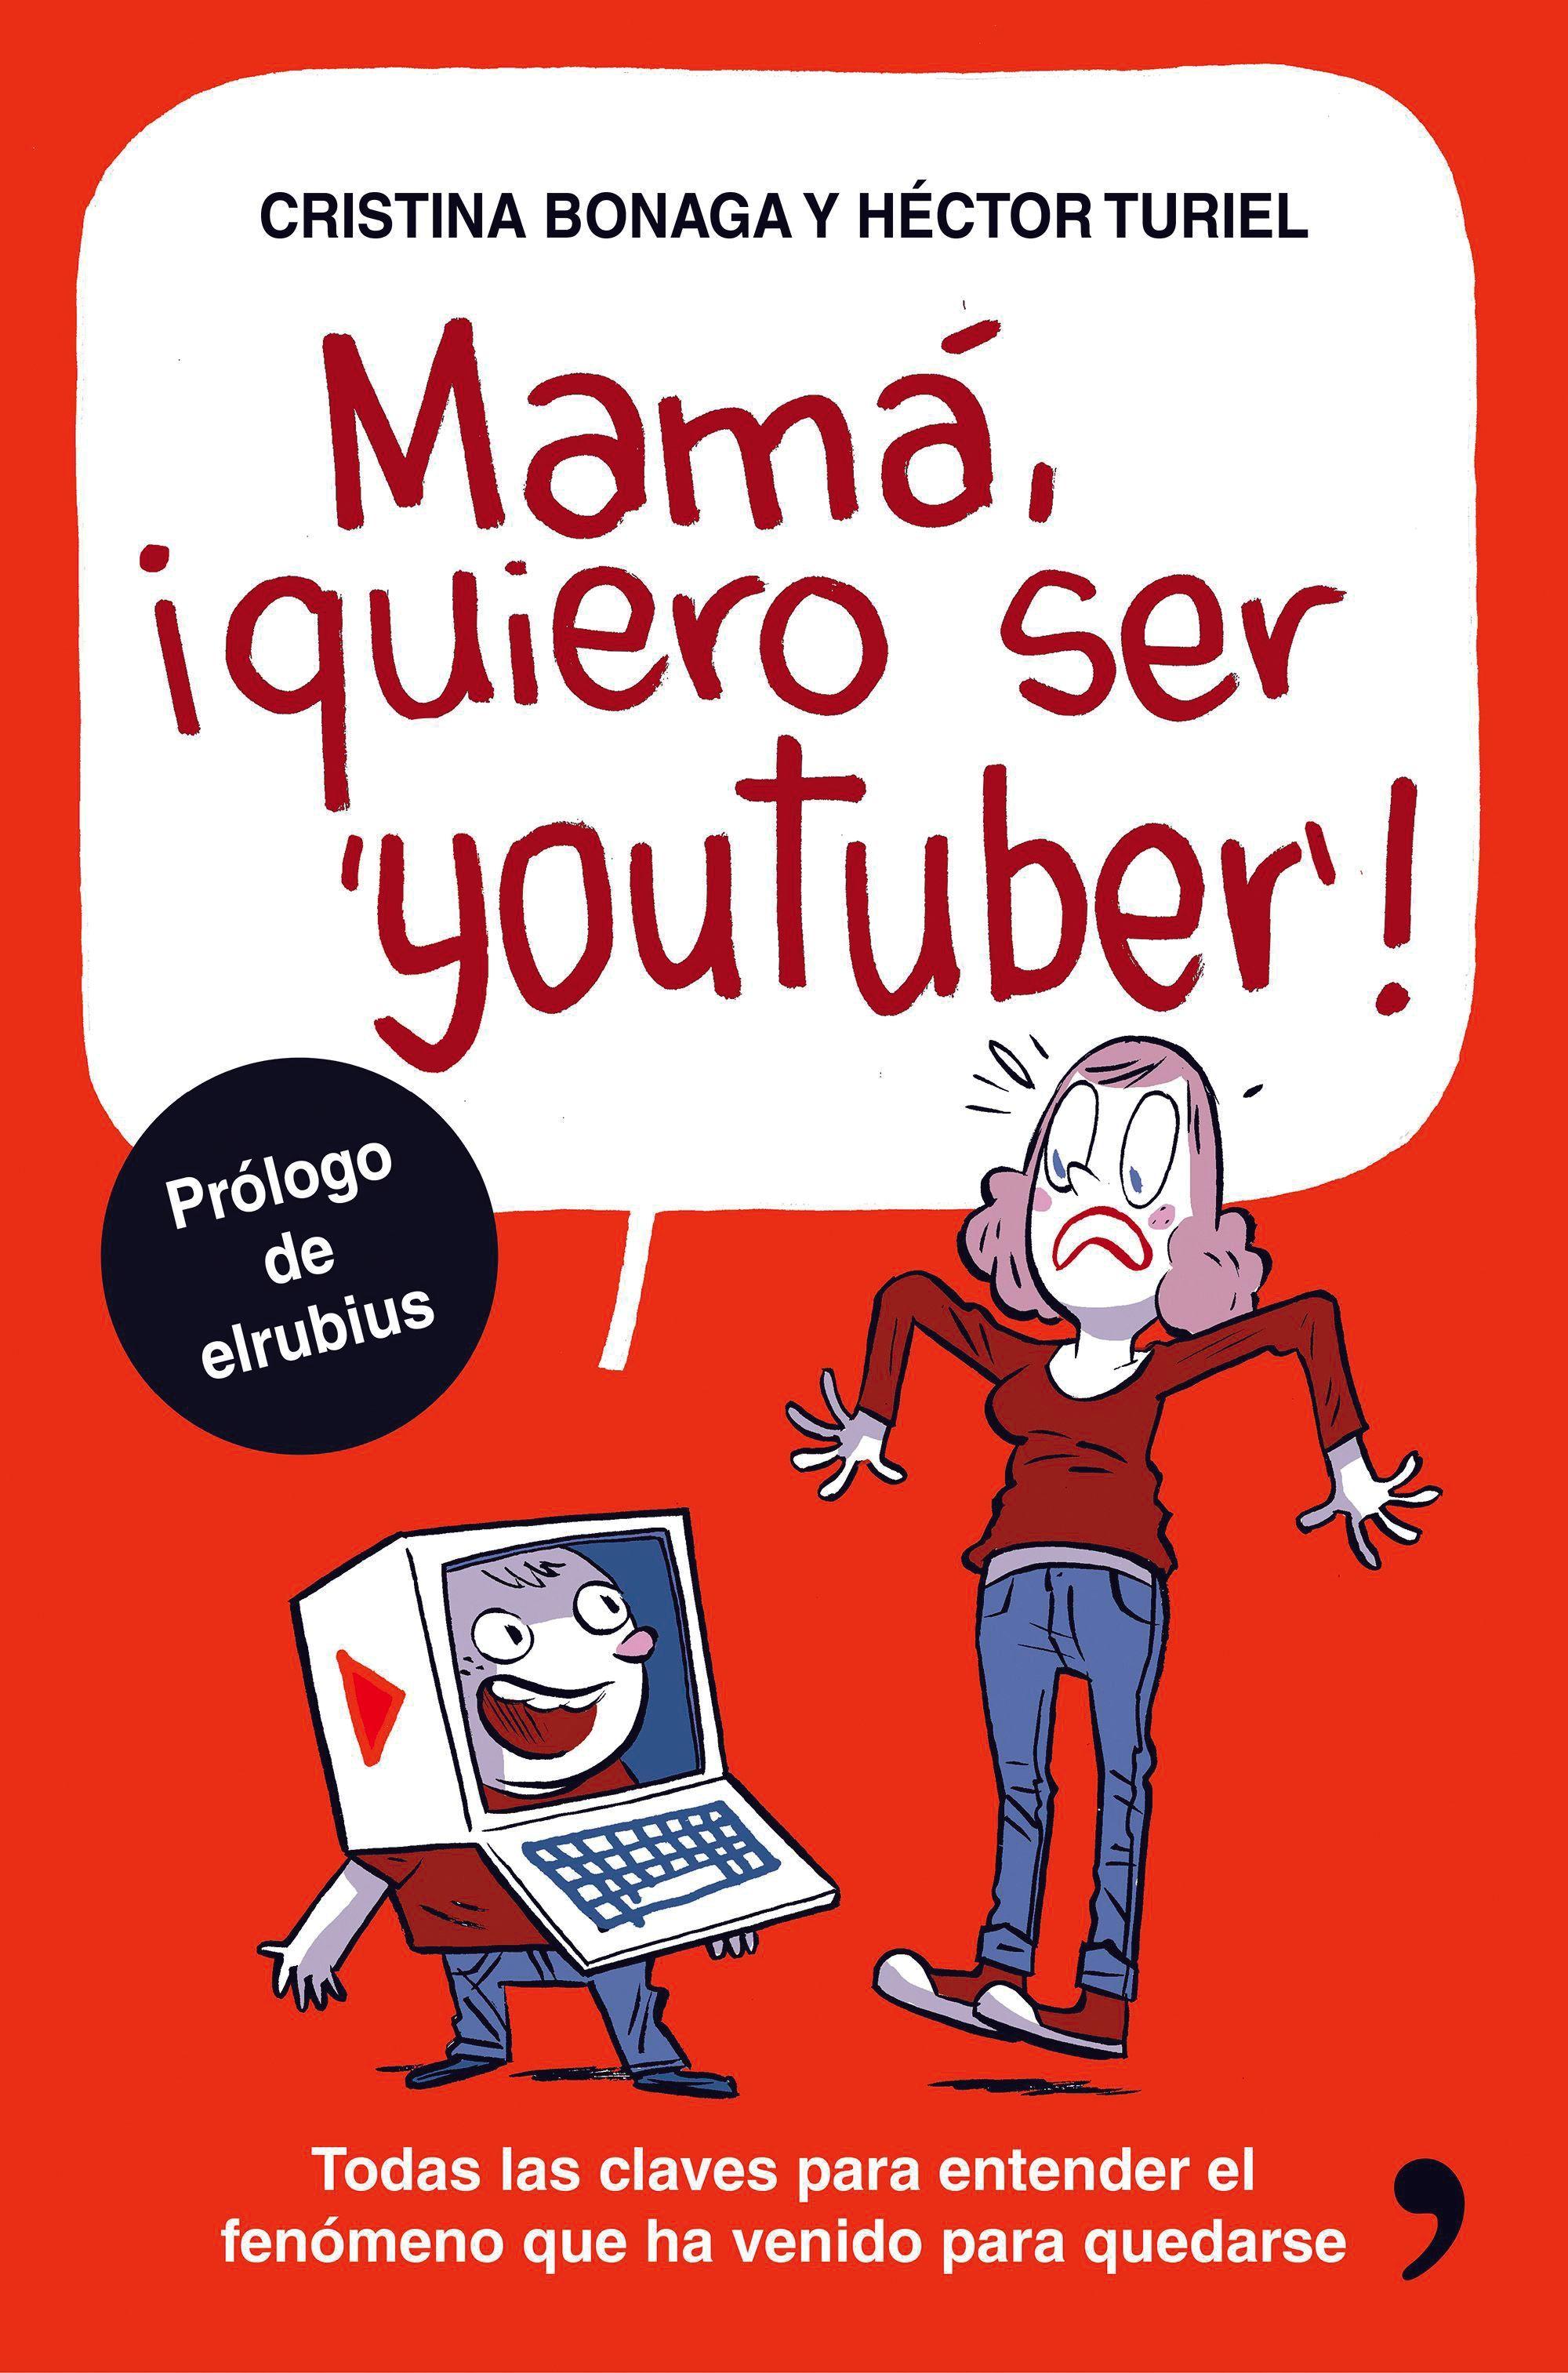 Portada del libro Mamá, ¡quiero ser youtuber!, Cristina Bonaga y Héctor Turiel, 2016.